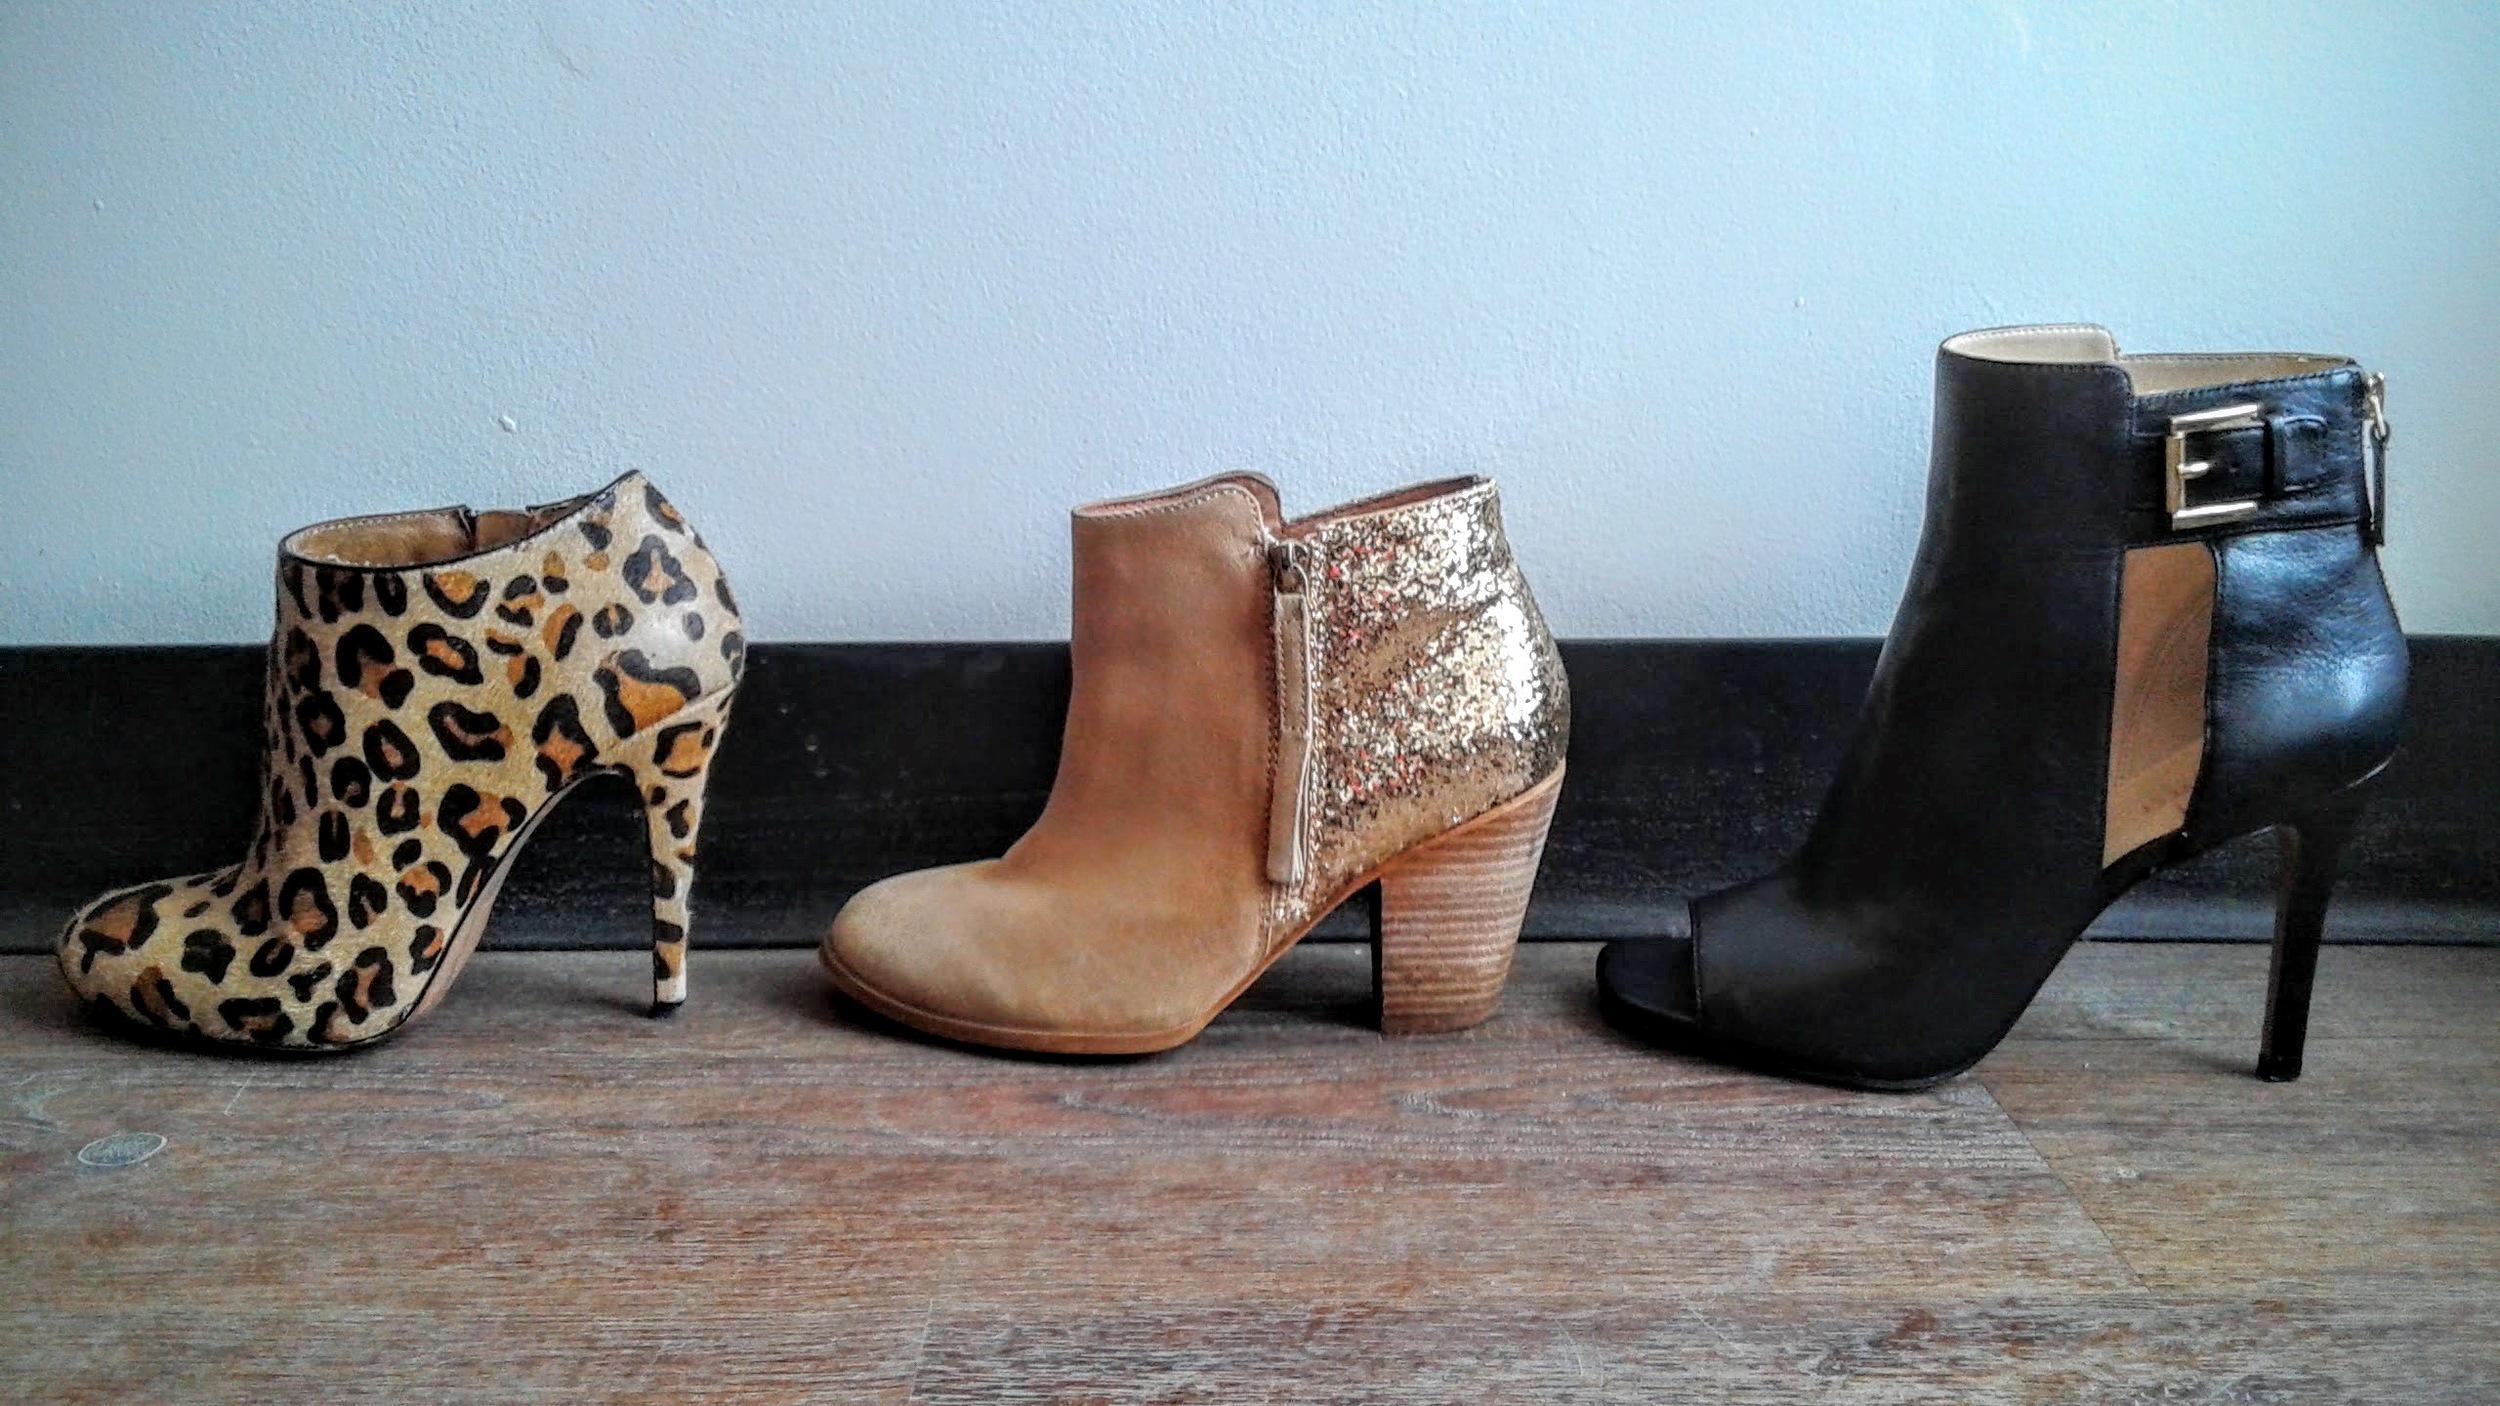 Leopard print booties, Aldo, S7.5, $42; Gold/tan booties, Aldo, S7.5, $42; Nine-West cut-out booties, S7.5, $46